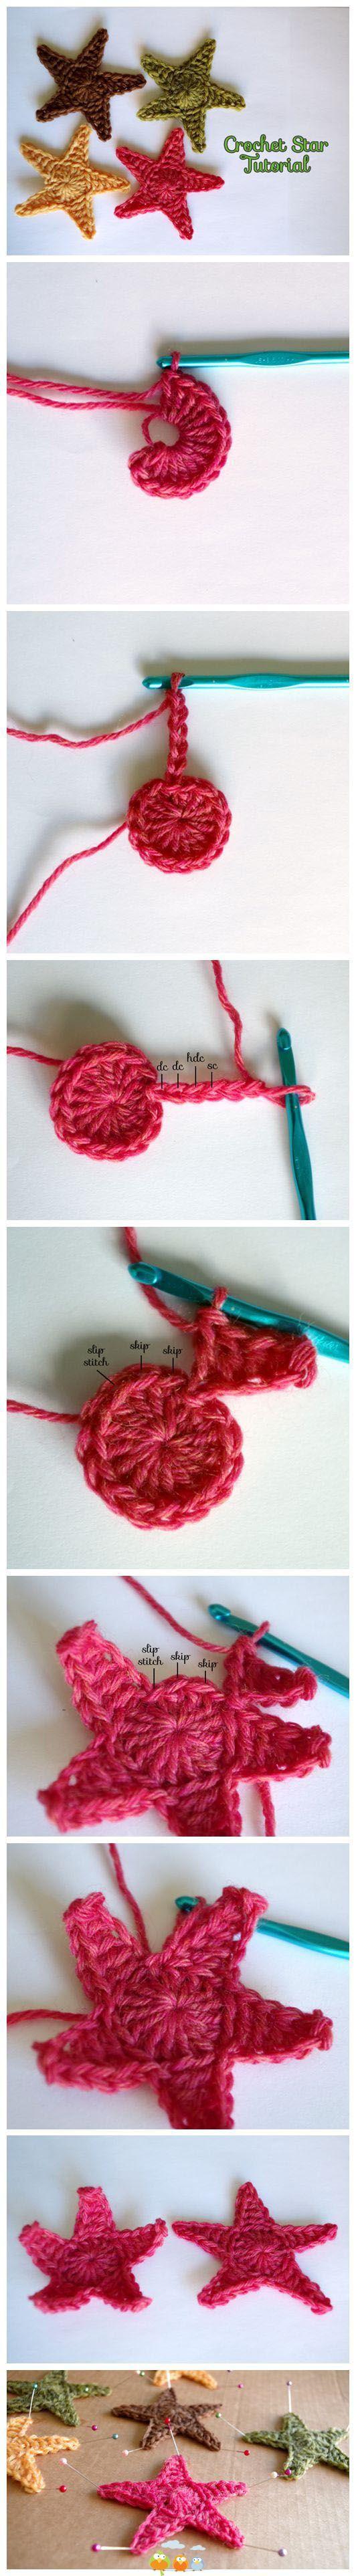 crochet estrellas | Patrones amigurumi | Pinterest | Estrellas de ...